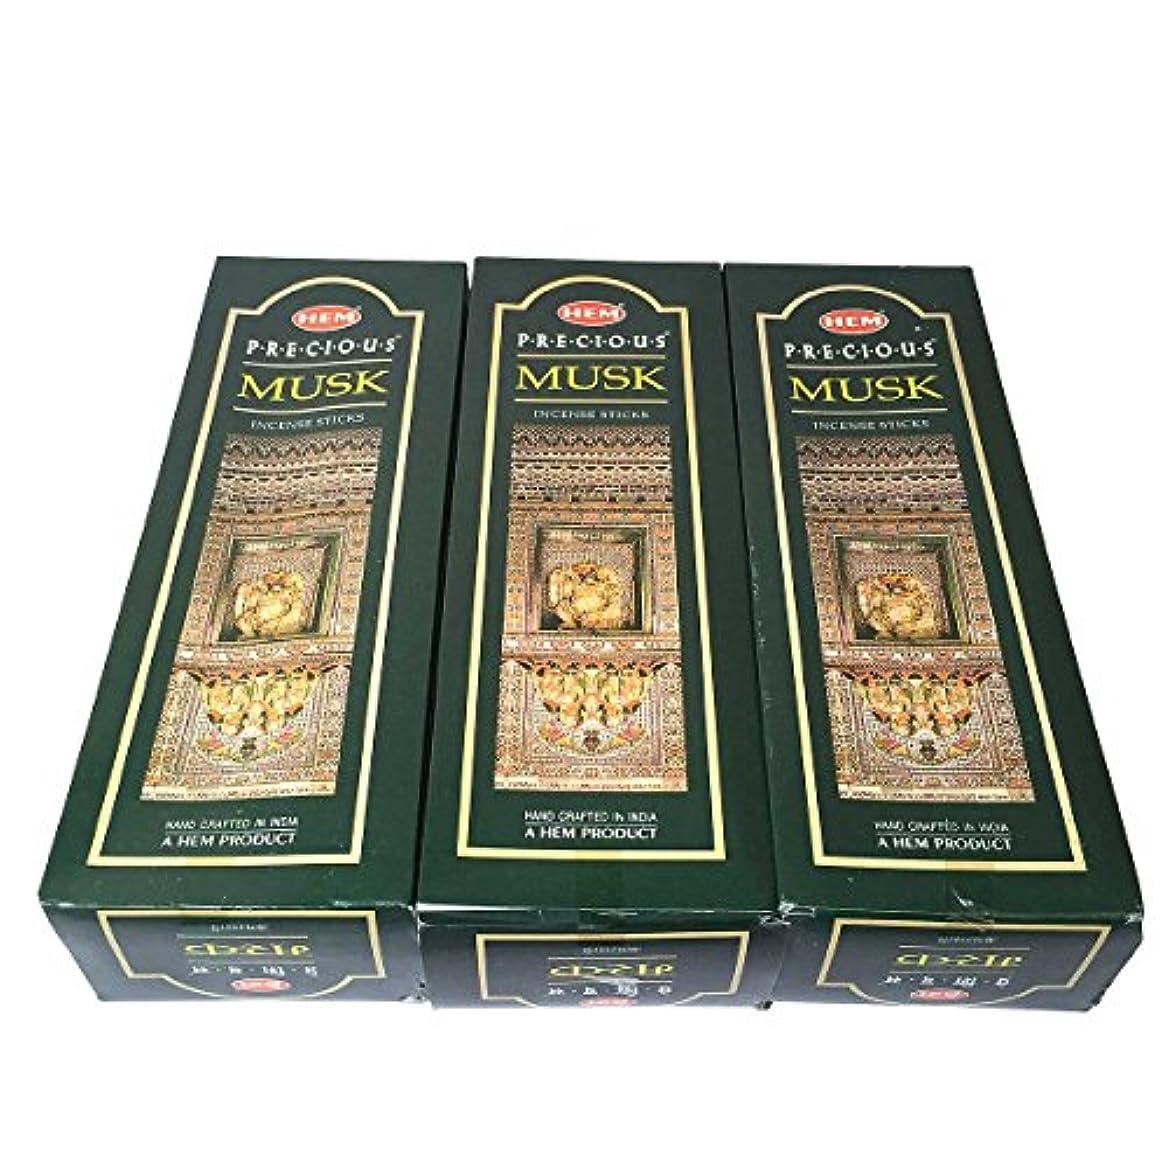 キャンペーン謝る見ましたプレシャスムスク香スティック 3BOX(18箱) /HEM PRECIOUS MUSK/インセンス/インド香 お香 [並行輸入品]